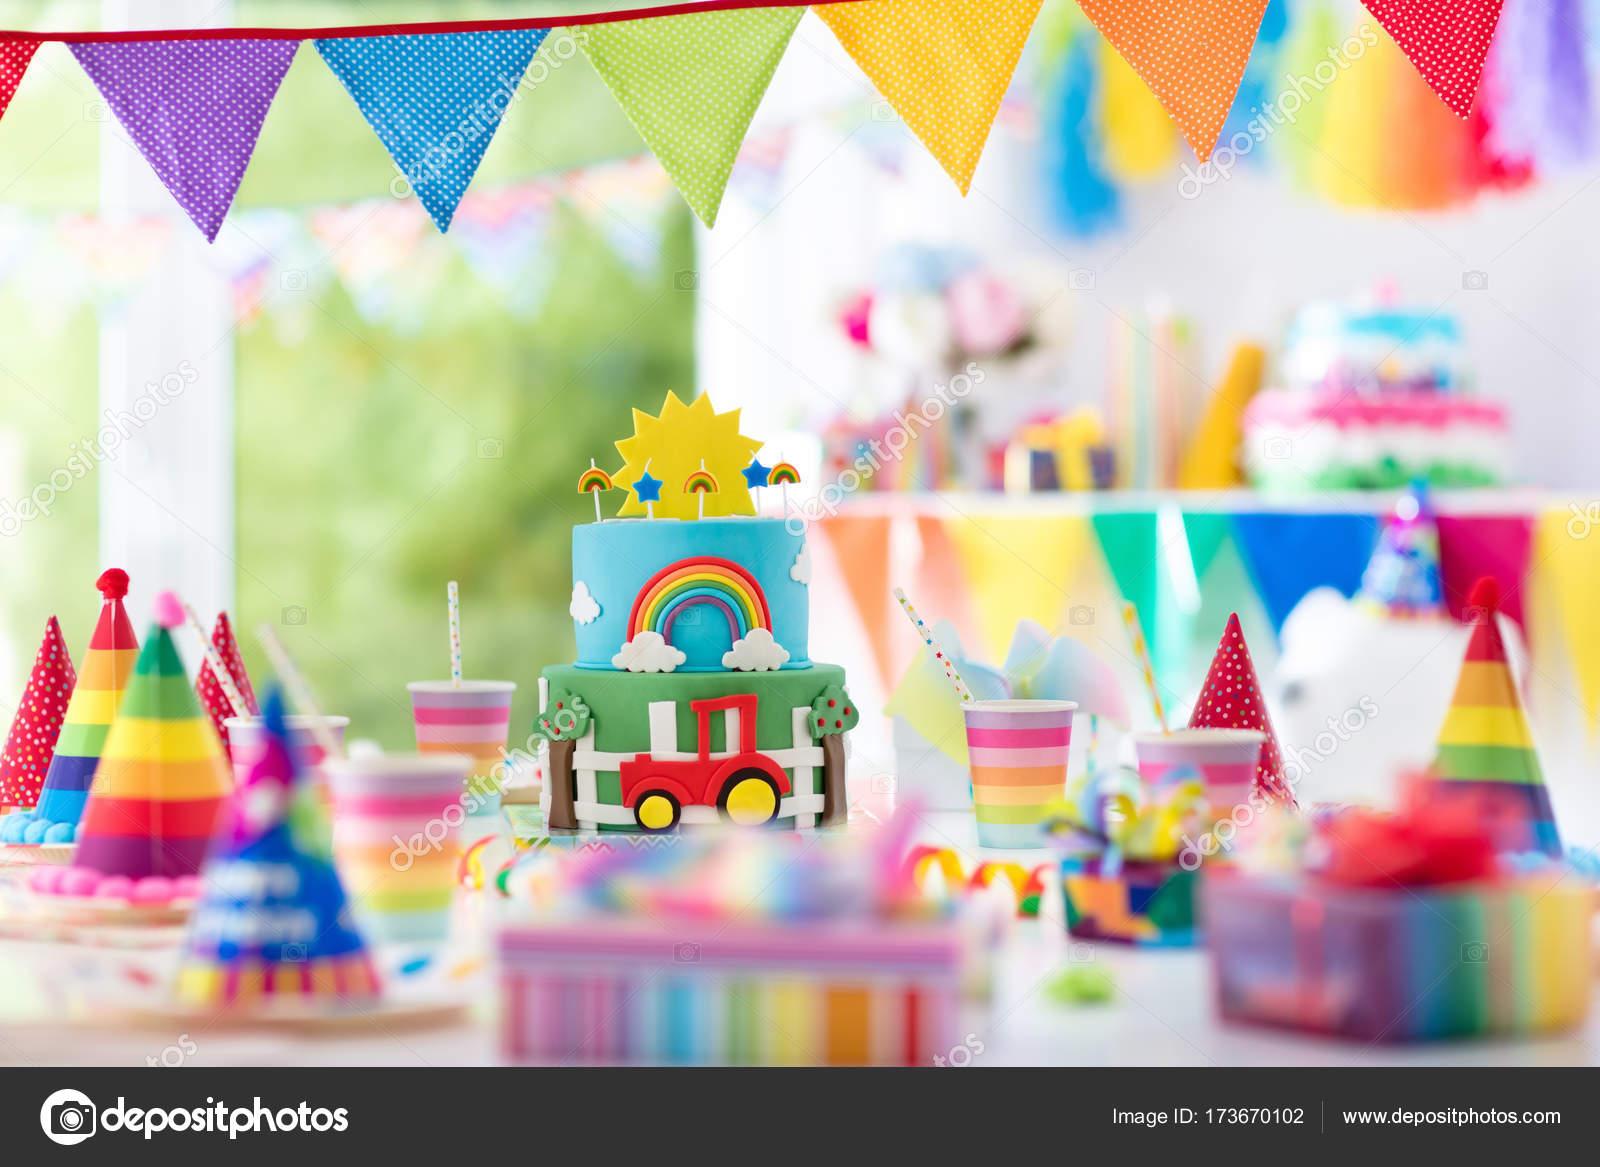 Jungen Geburtstag Kuchen Fur Kleines Kind Kinder Party Stockfoto